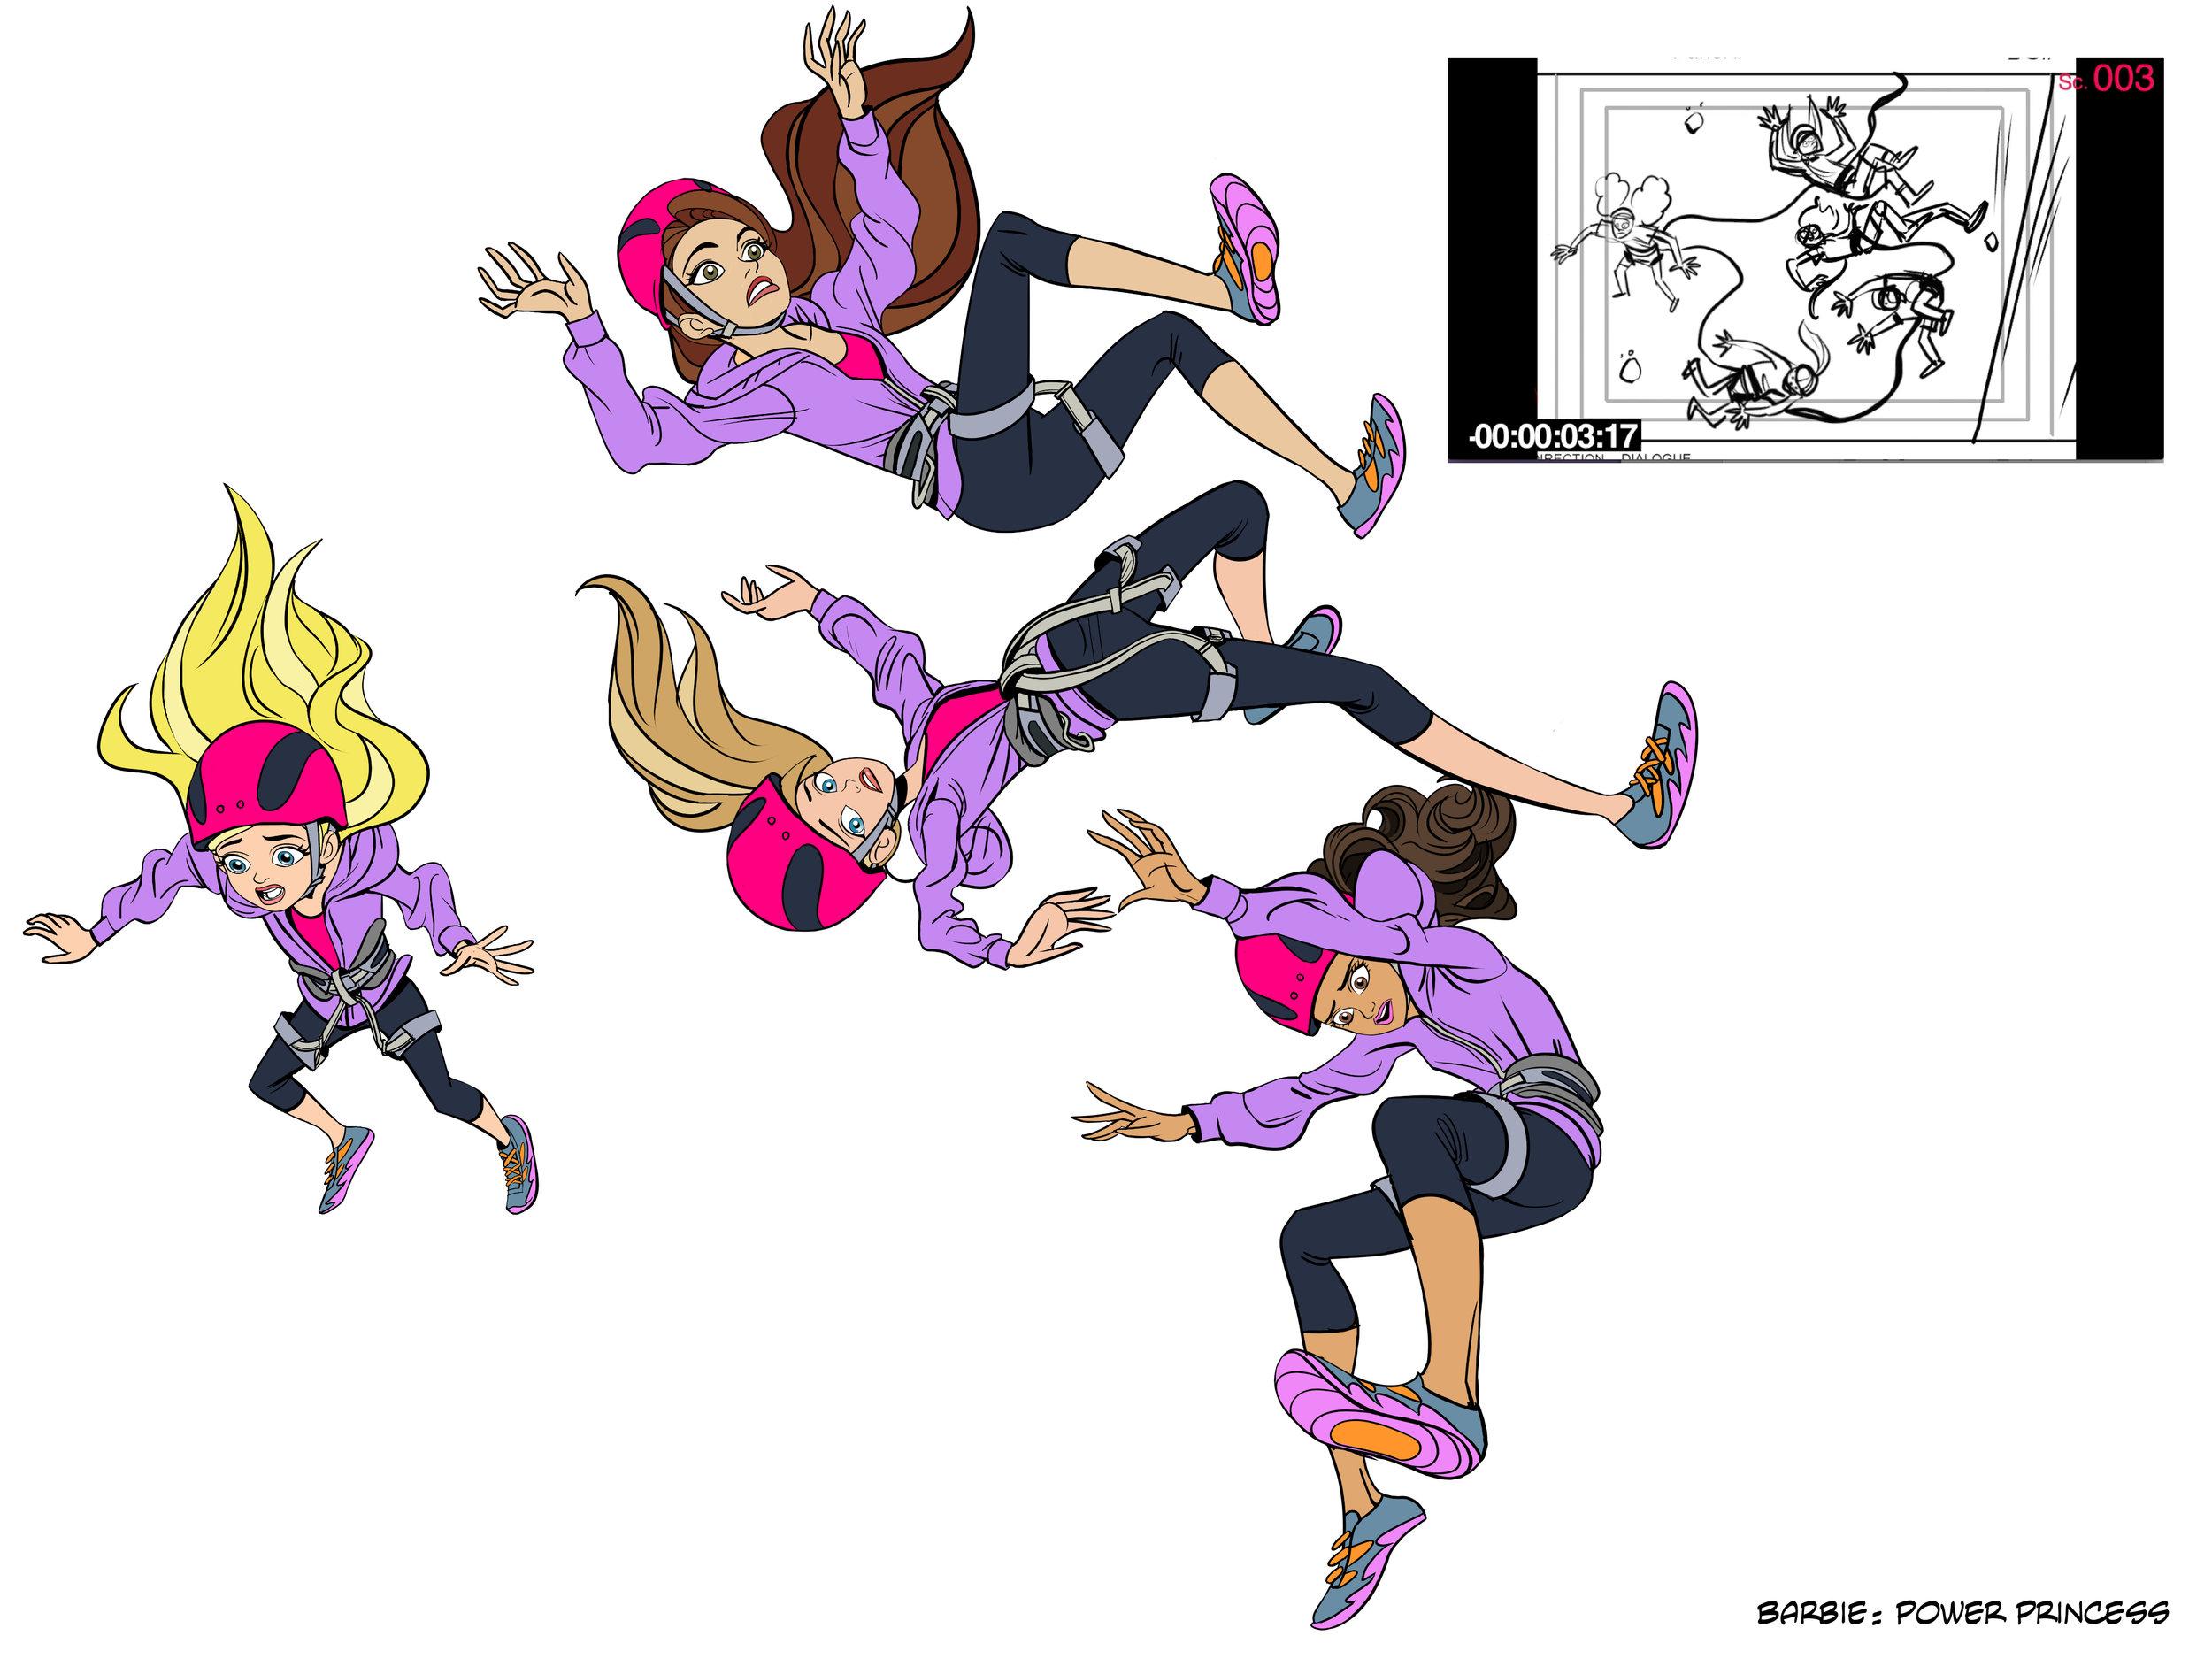 6pt_Barbie_ipad_02.jpg